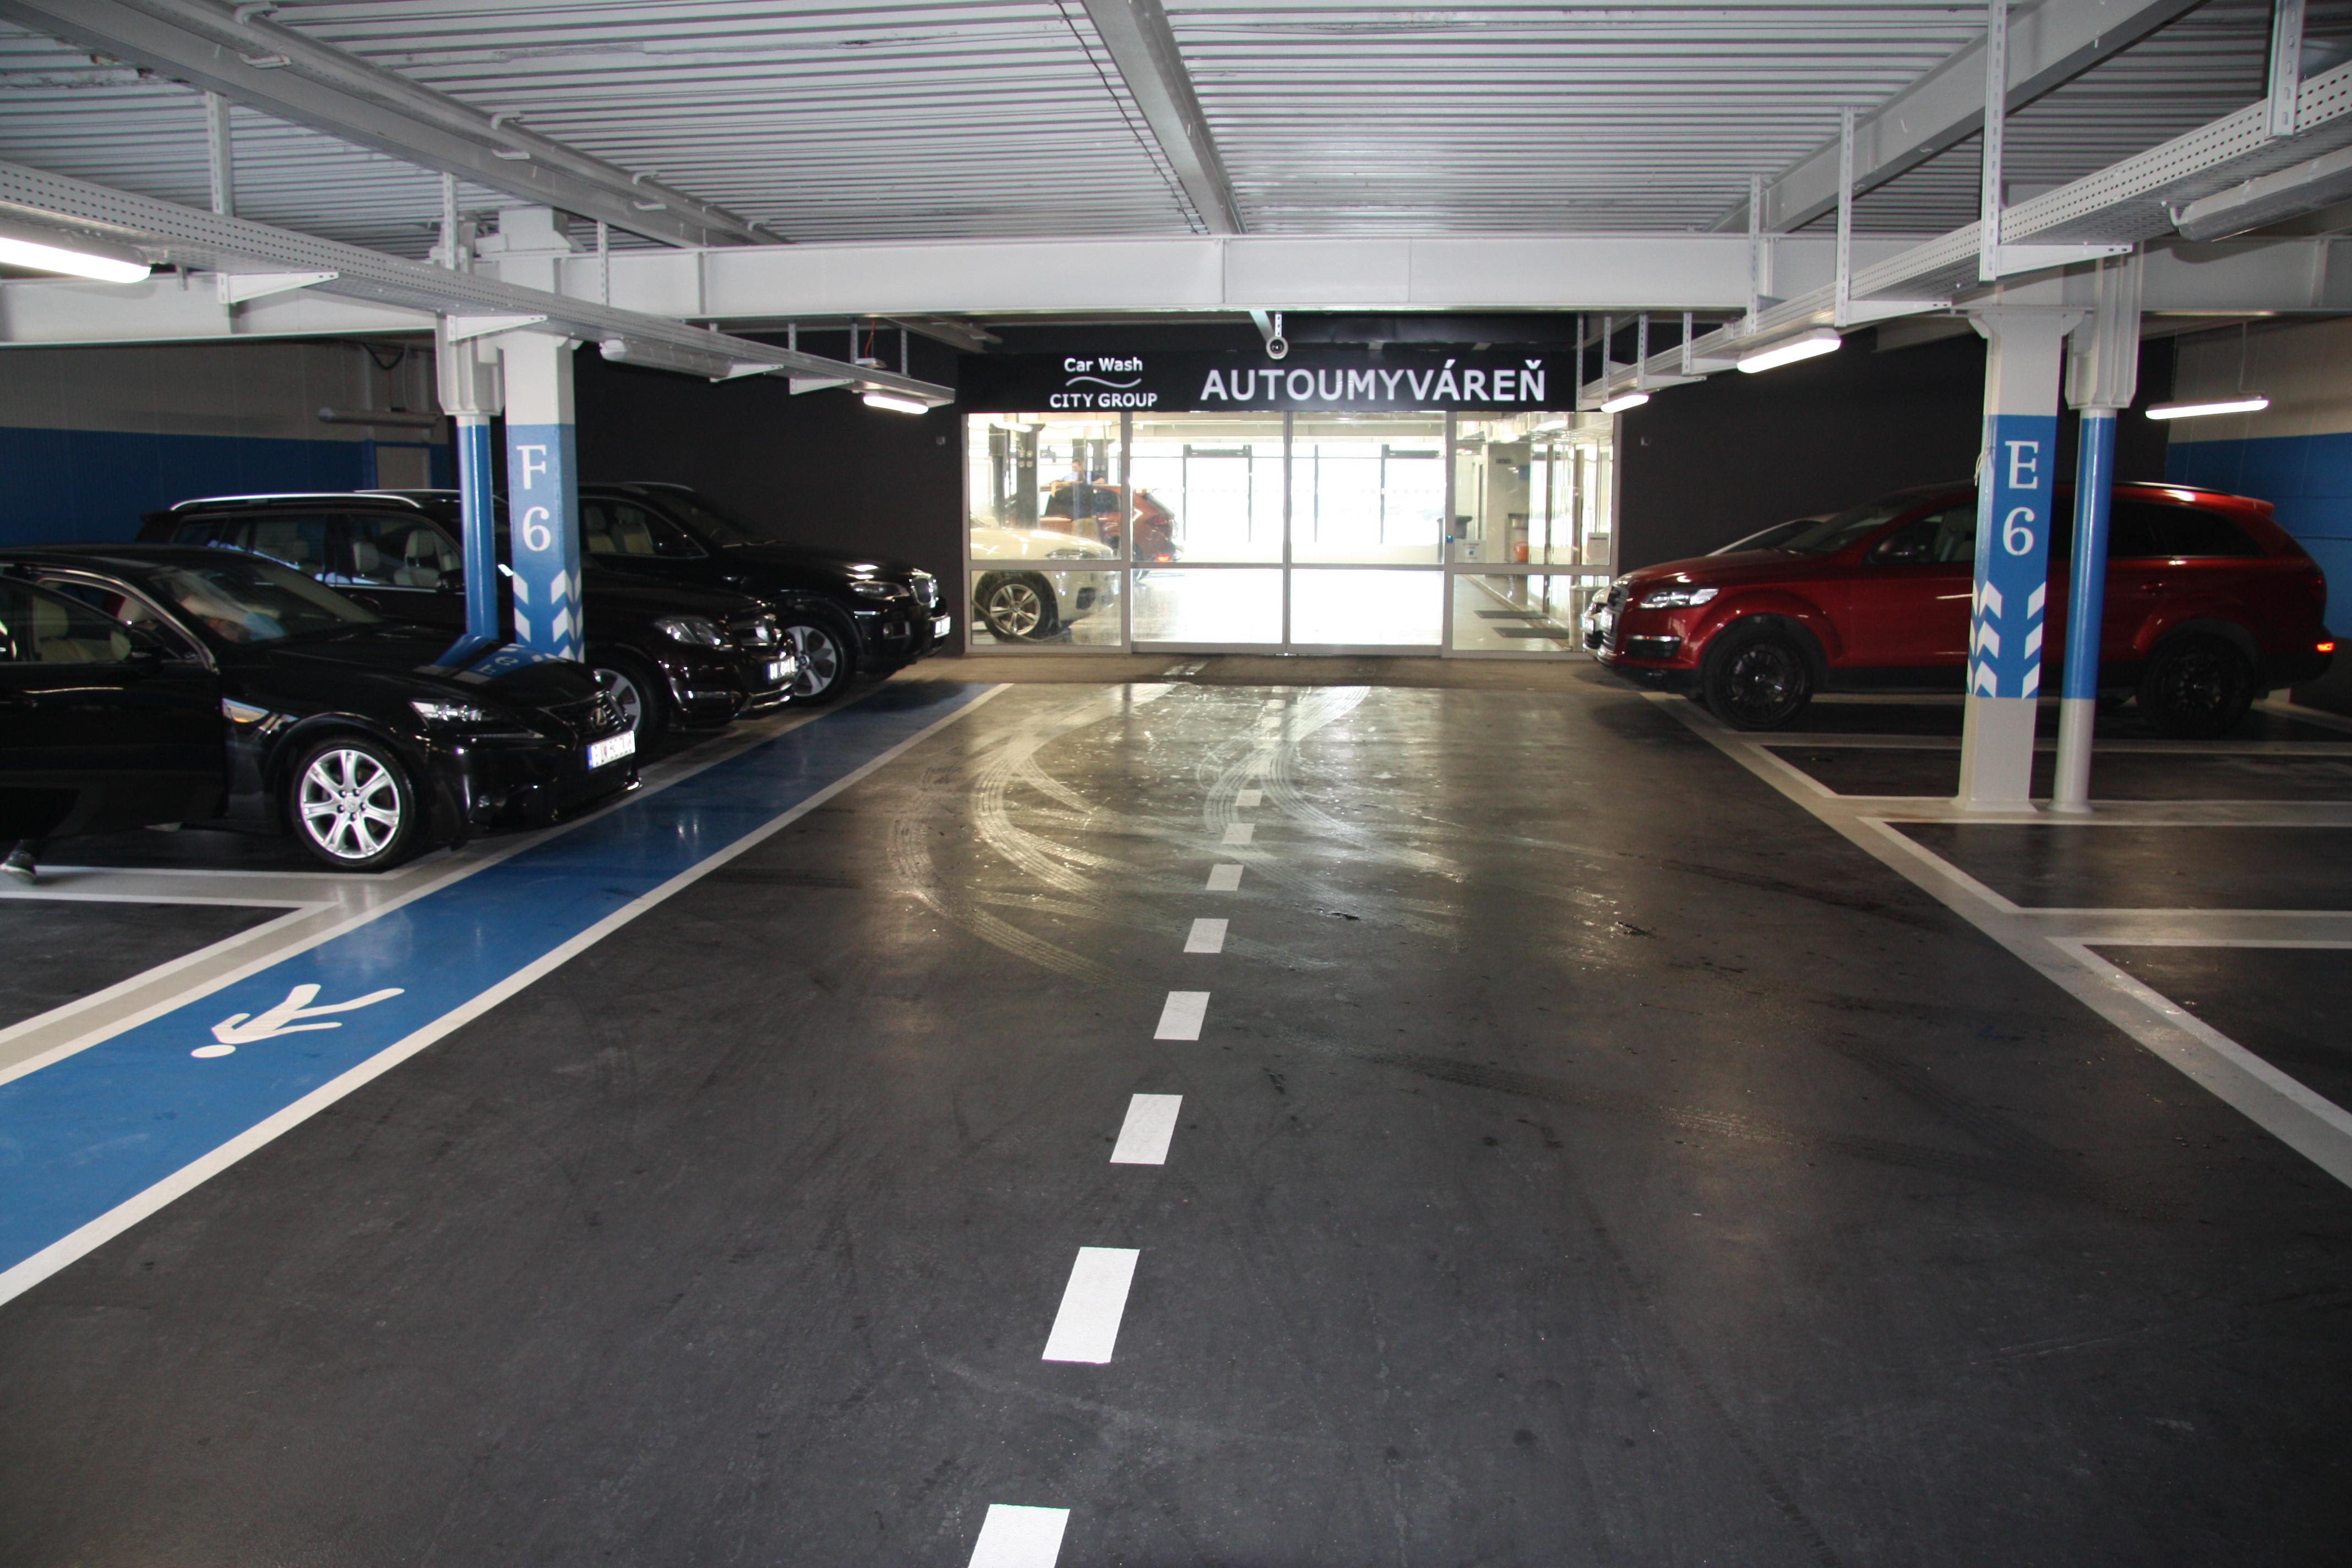 CAR WASH CITY GROUP  AUTOUMYVÁREŇ, Shopping Center Aupark Bratislava